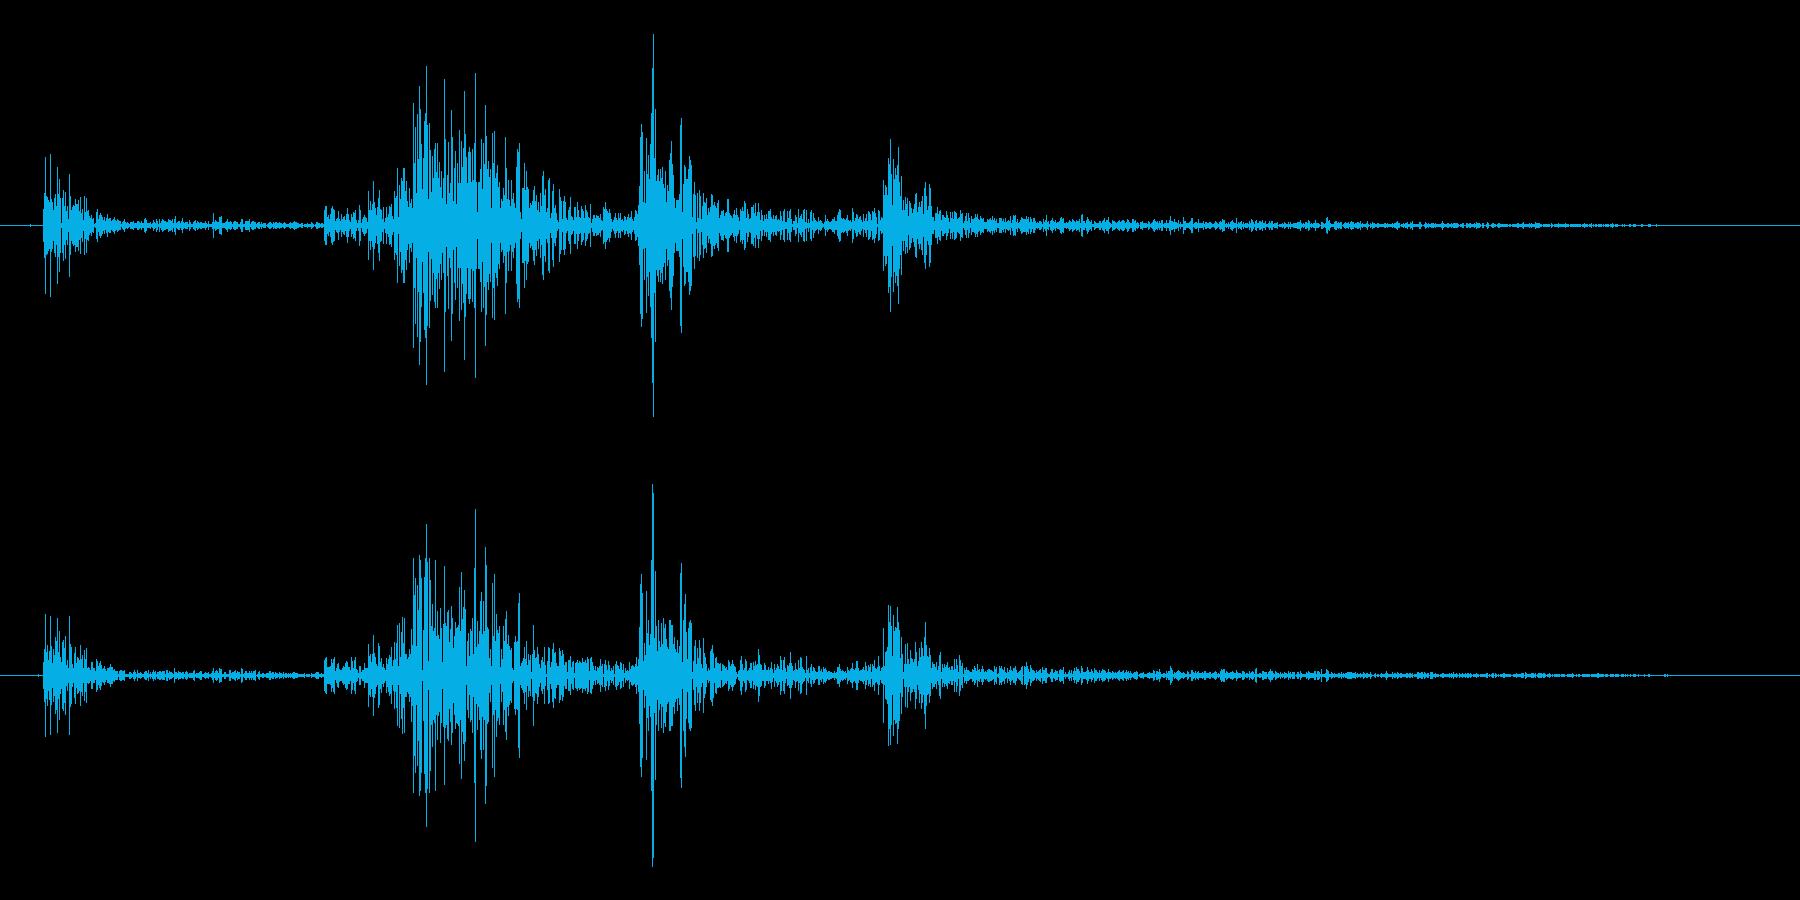 【生録音】パッケージ 開封音 5の再生済みの波形